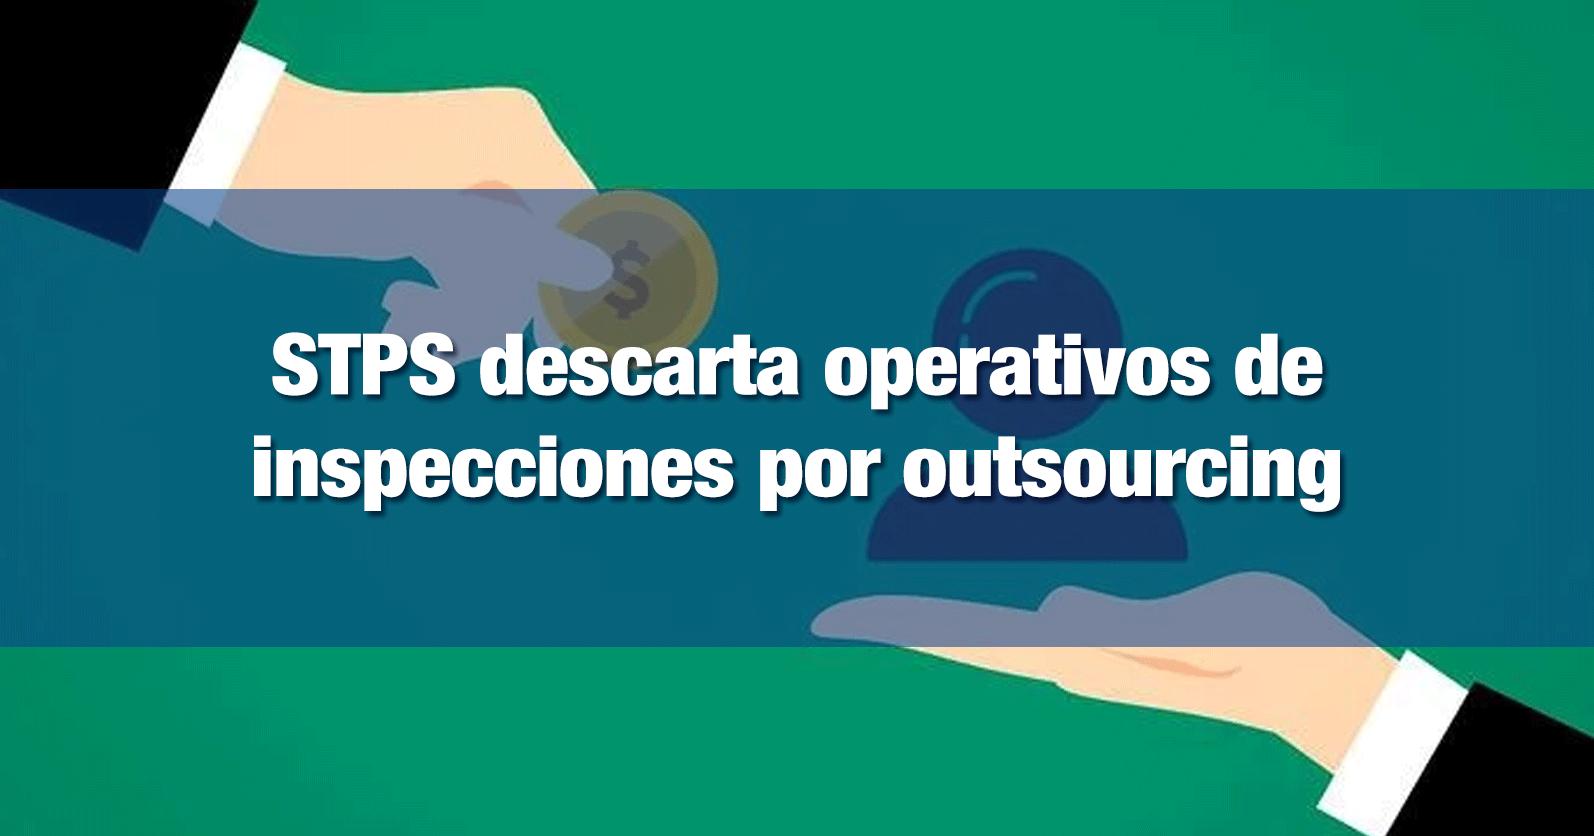 STPS descarta operativos de inspecciones por outsourcing